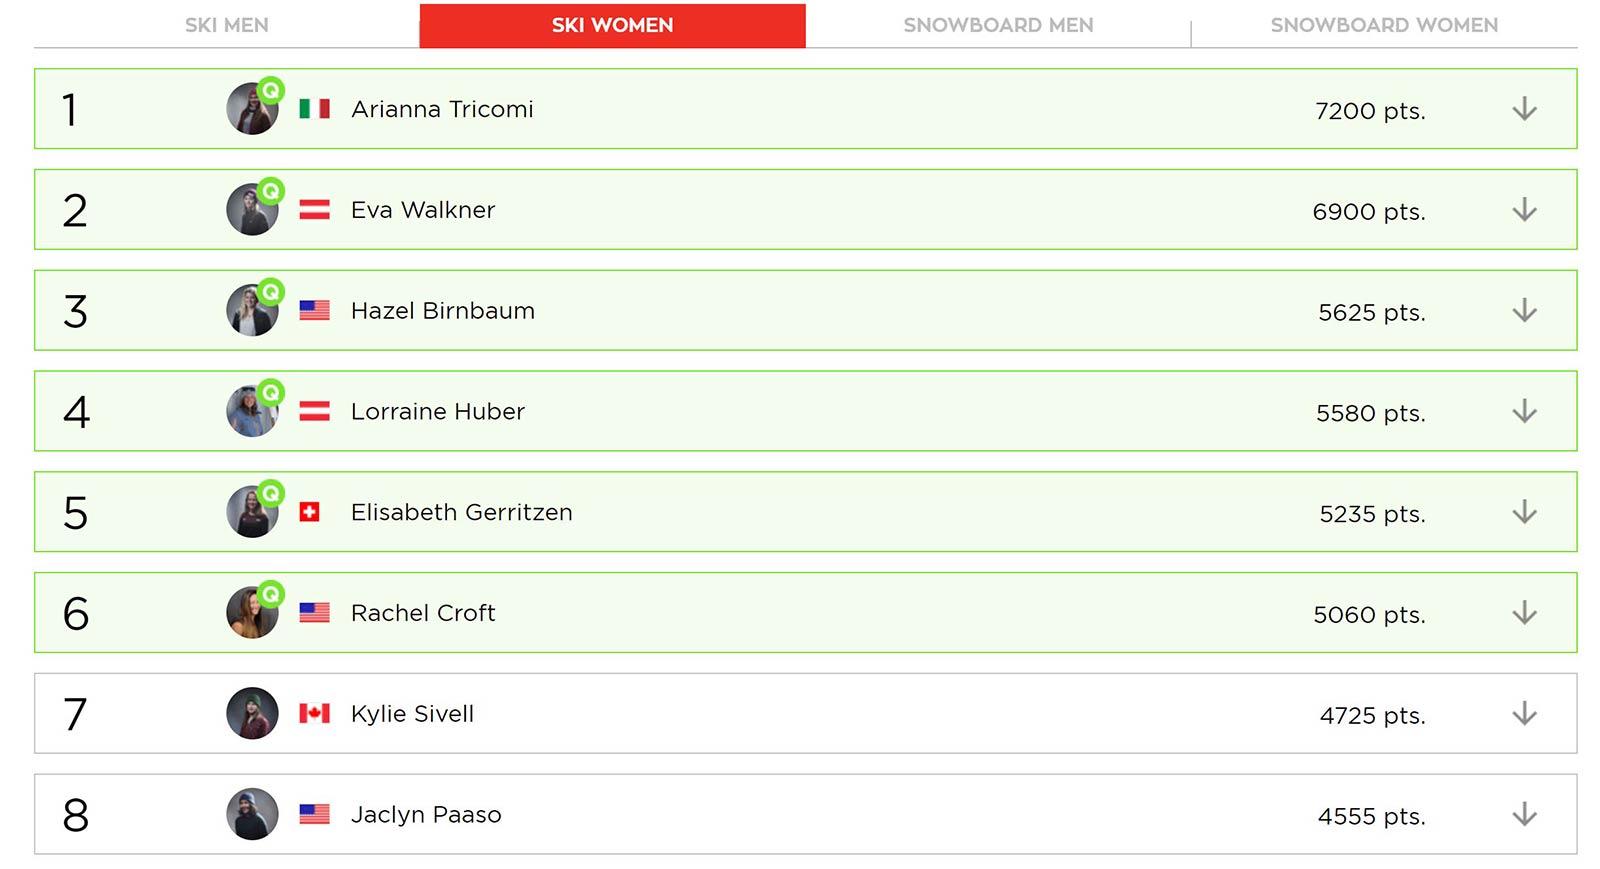 Das Overall Ranking der Frauen nach dem Freeride World Tour Contest in Fieberbrunn 2018.